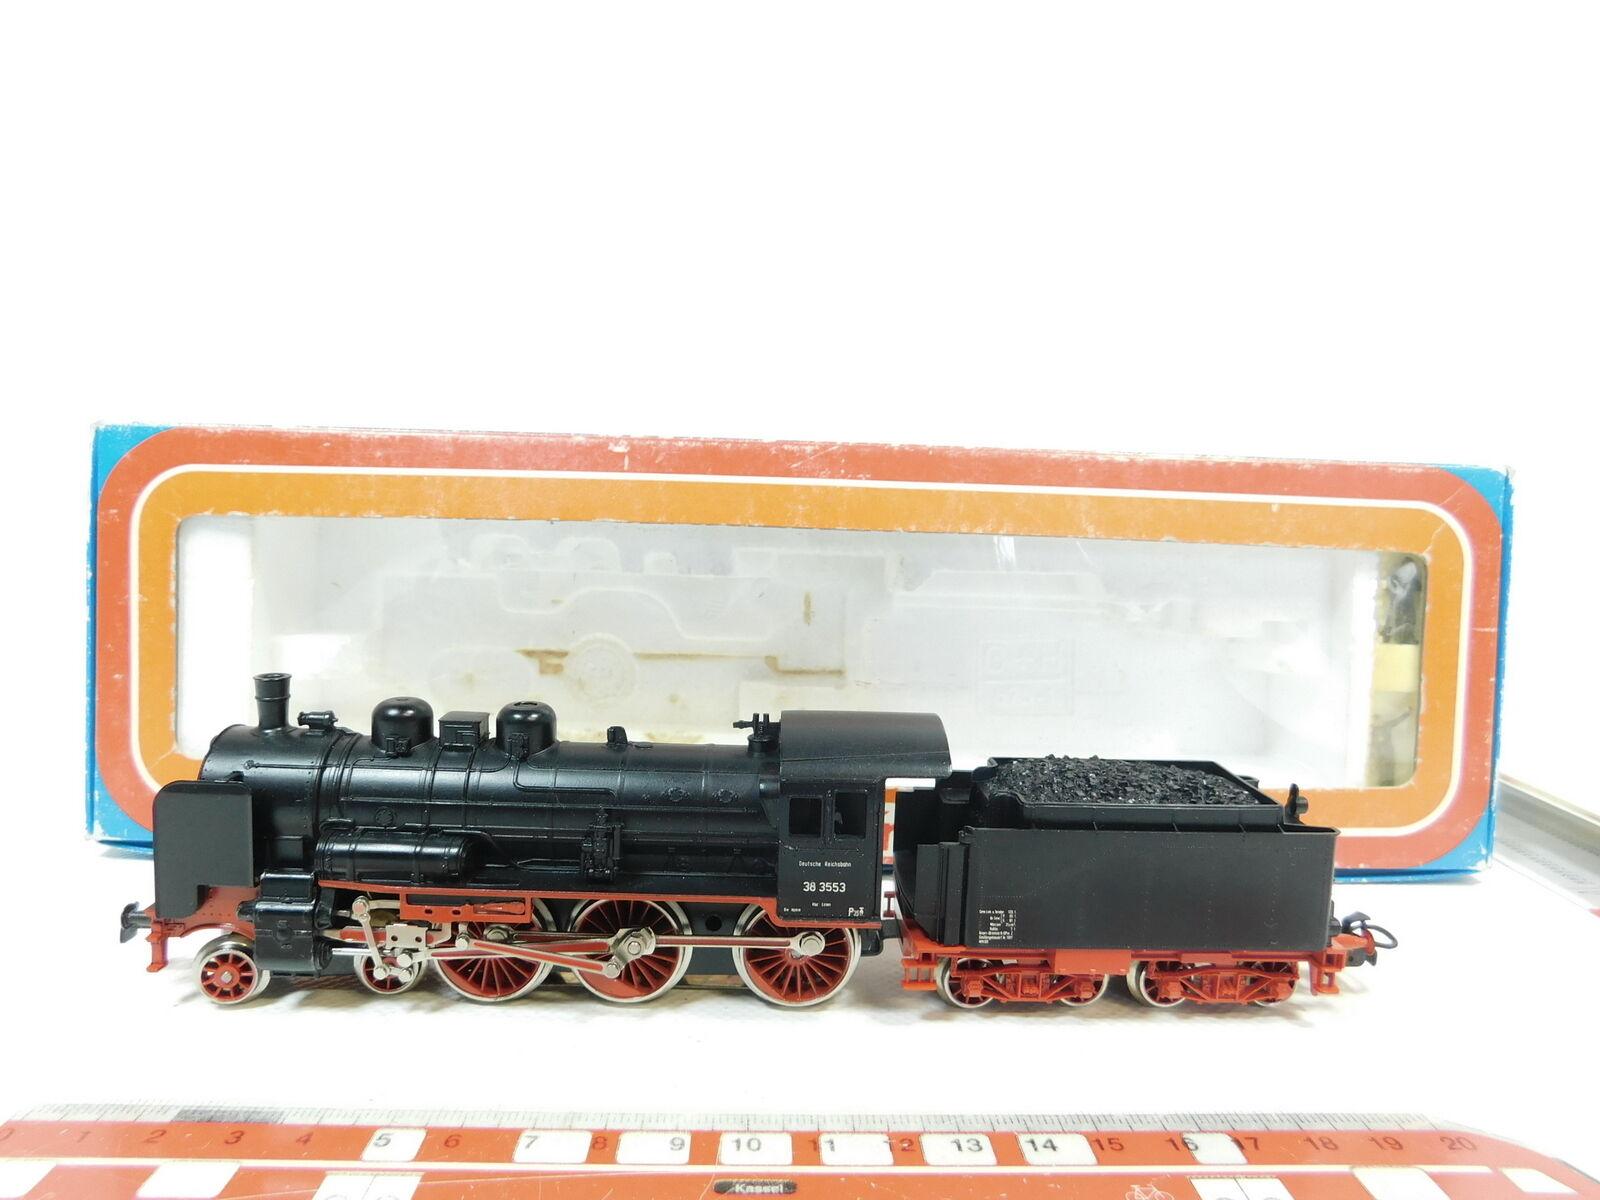 BG49-1Märklin H0 Ac 3099 Steam Locomotive   38 3553 DRG, Very Good +Box